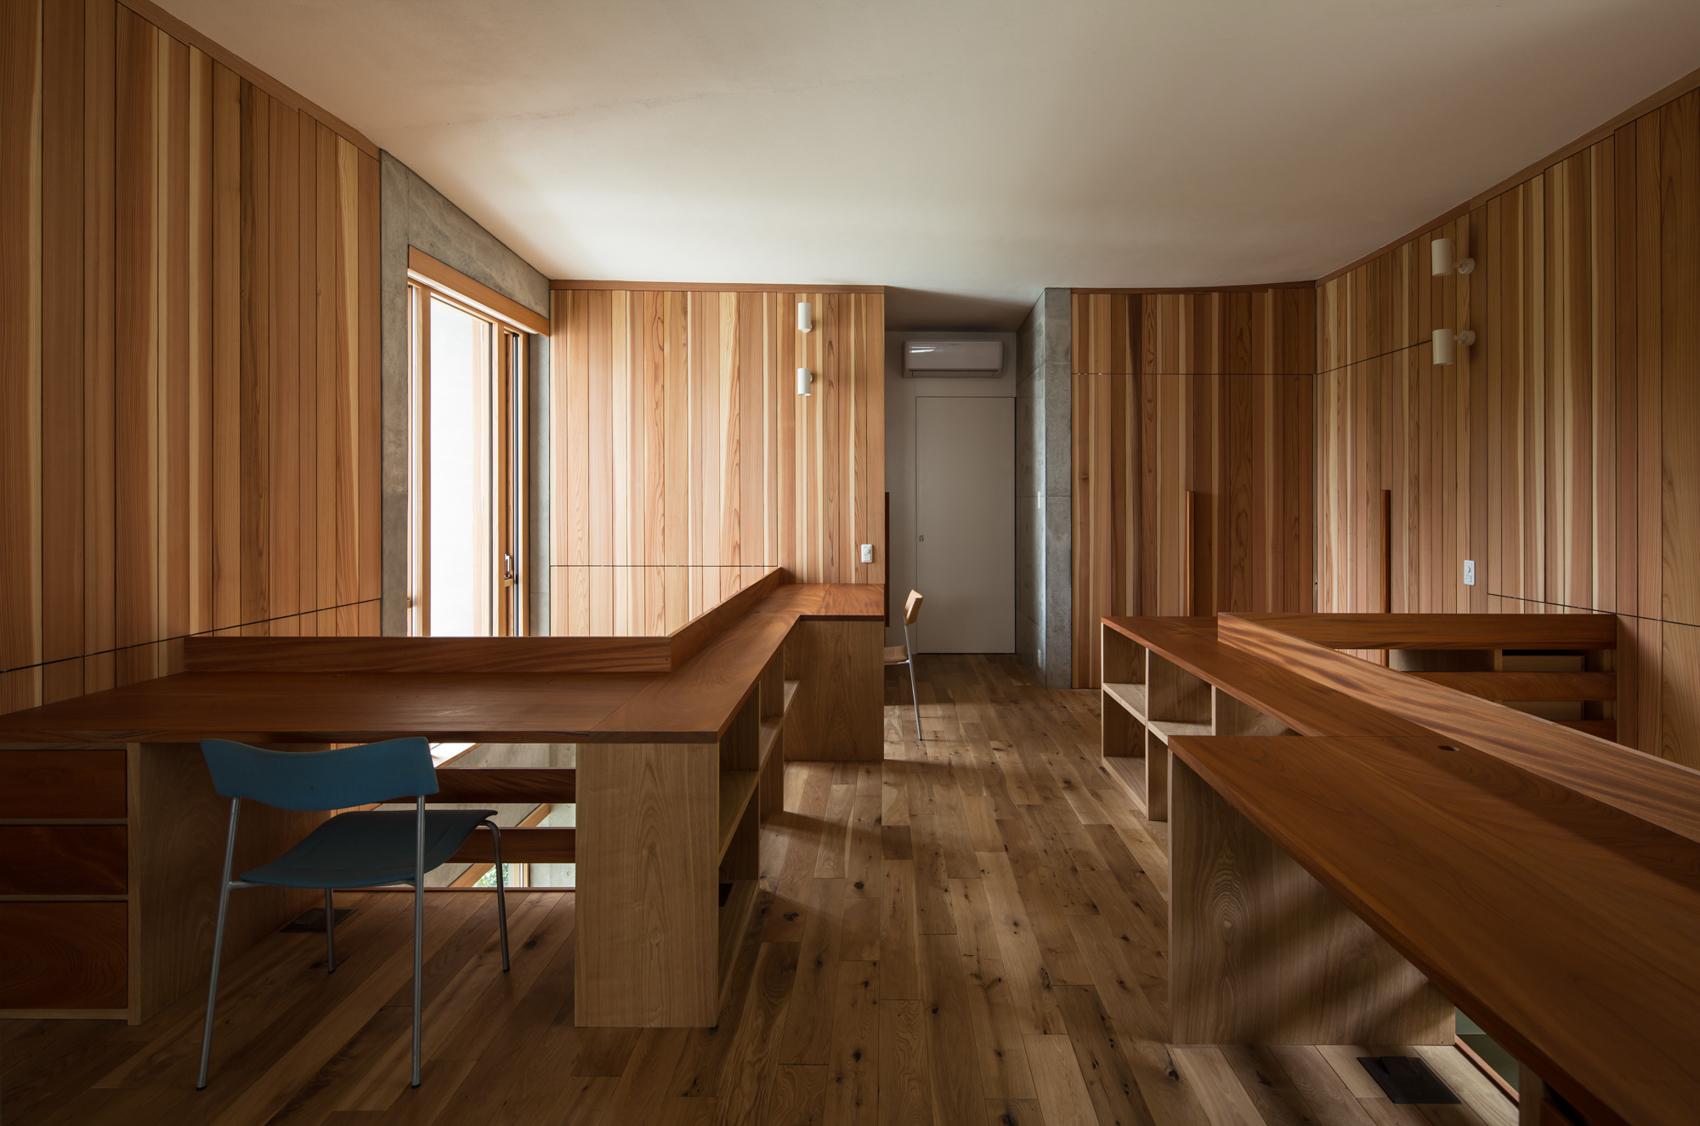 設計:石井良平建築研究所